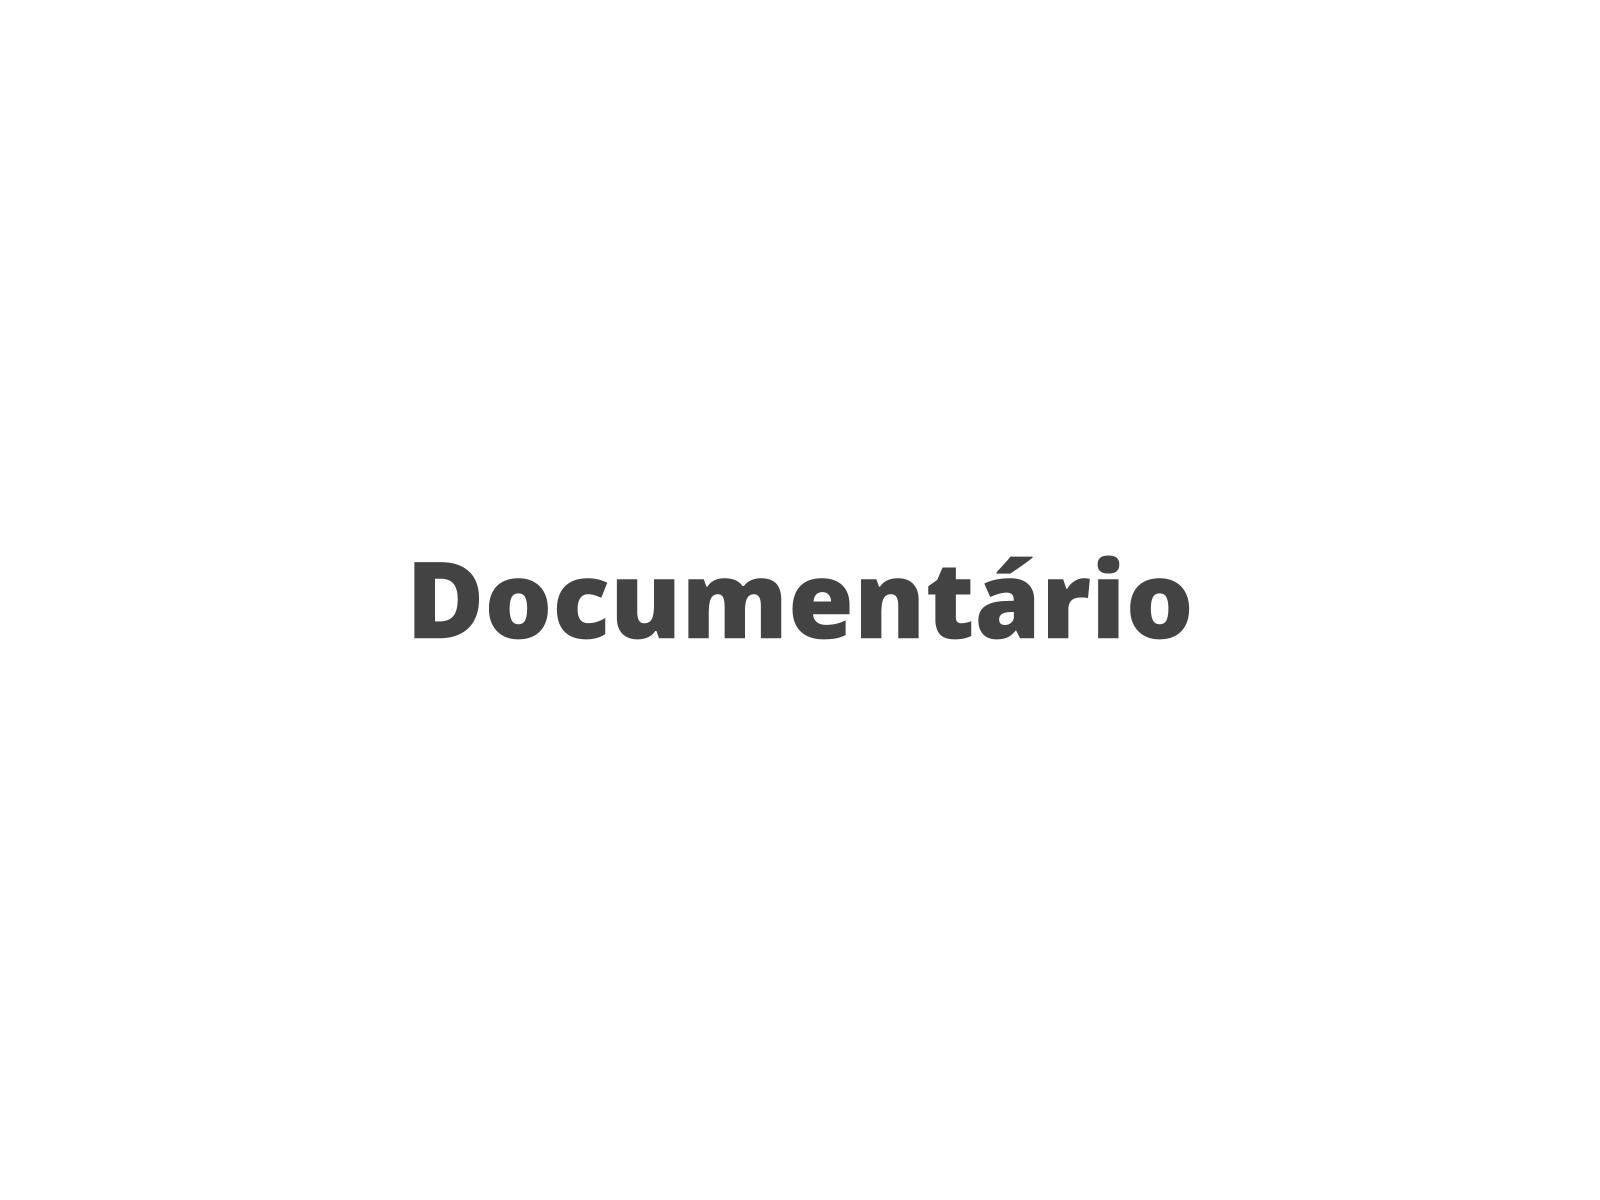 Introduzir o gênero documentário